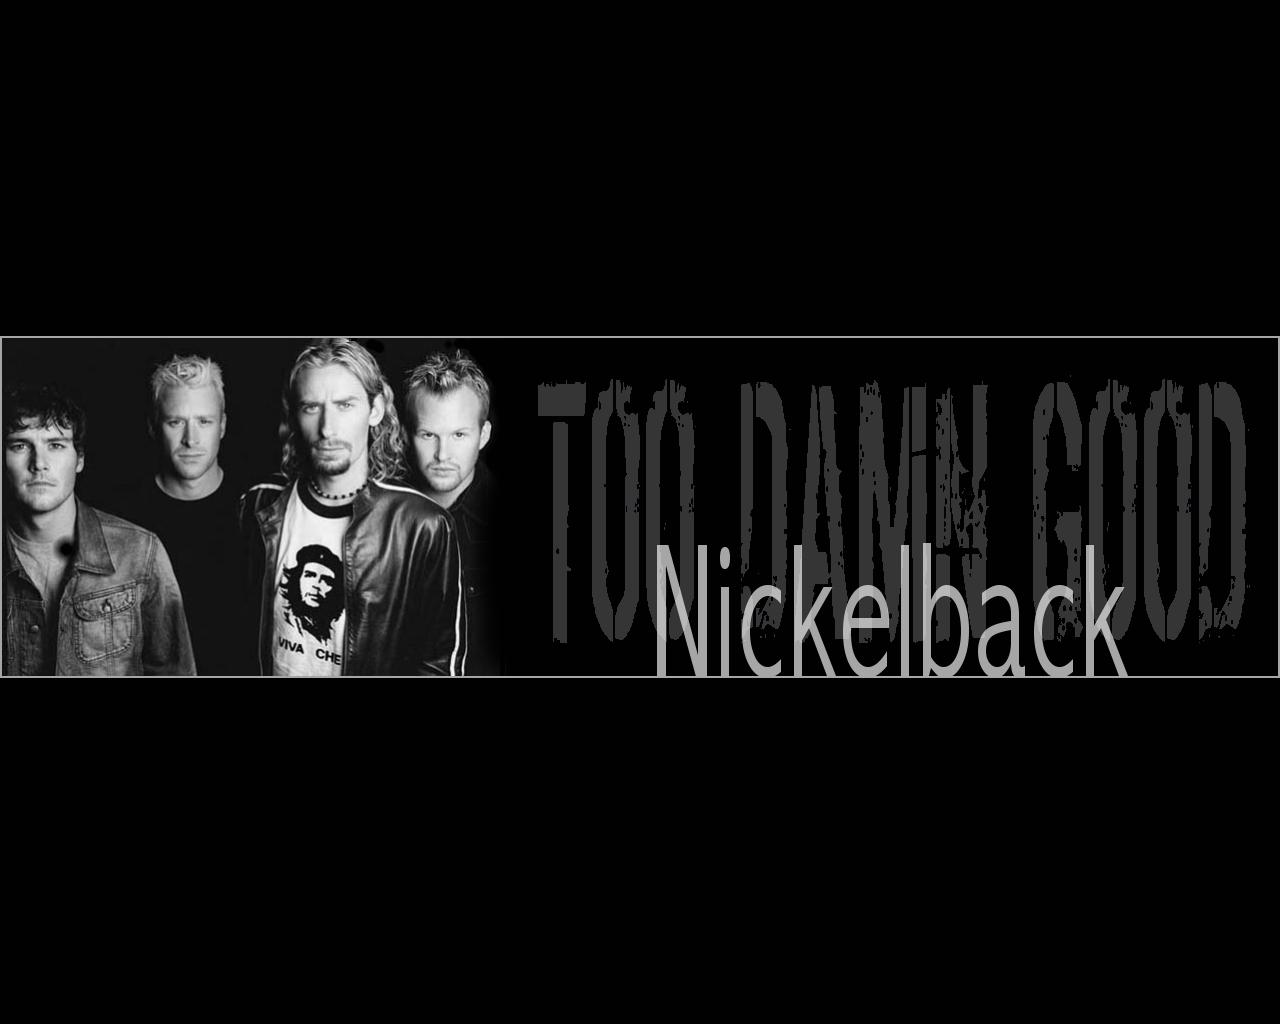 Pide una foto - Página 2 Nickelback-nickelback-7335844-1280-1024